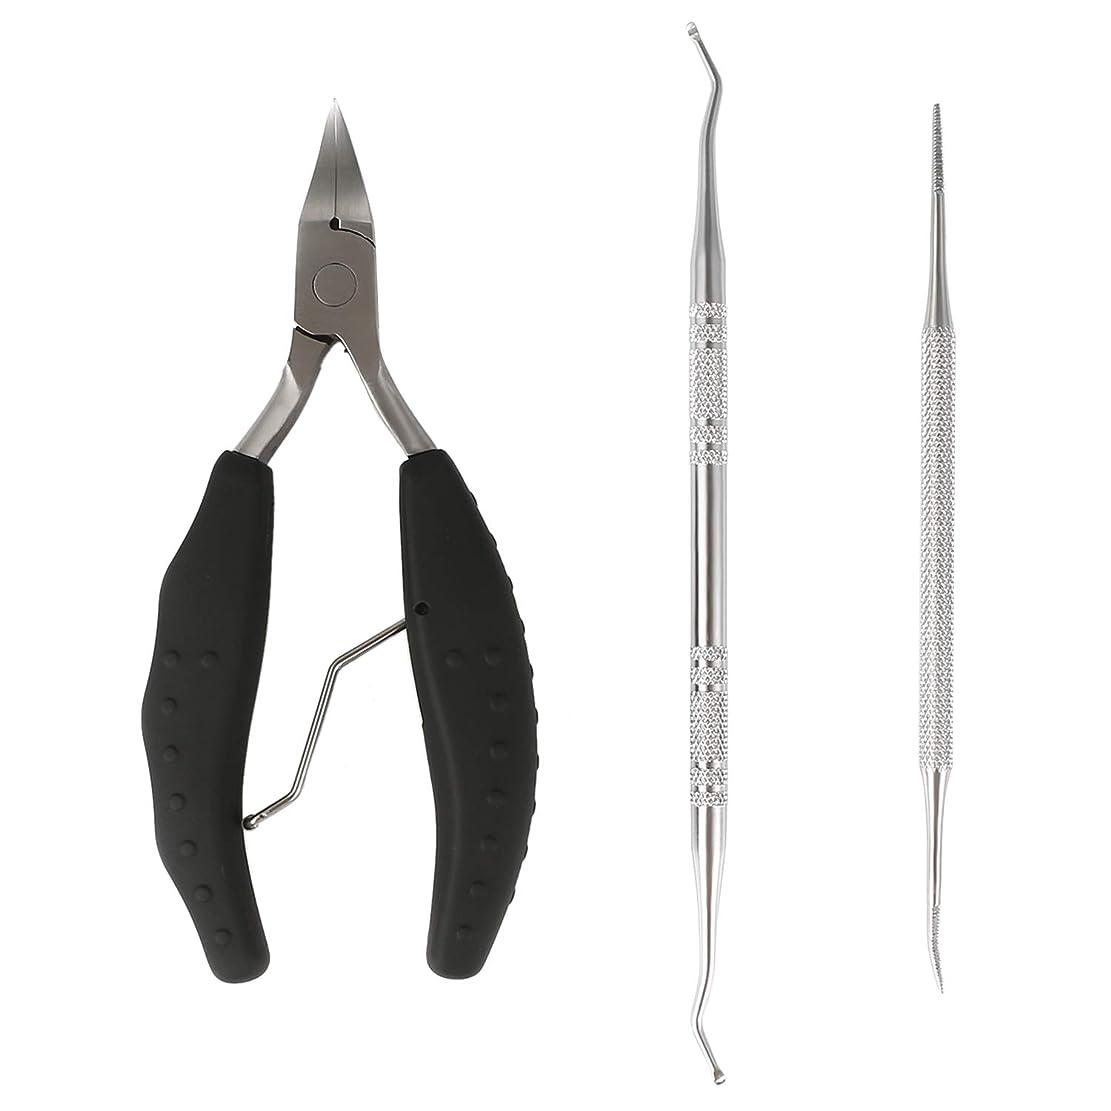 モノグラフパッチ初期のJewelryWe 甘皮切り セット 甘皮ニッパー 爪切り 角質除去 介護用 ステンレス製 滑り止めハンドル 切れる心地よい